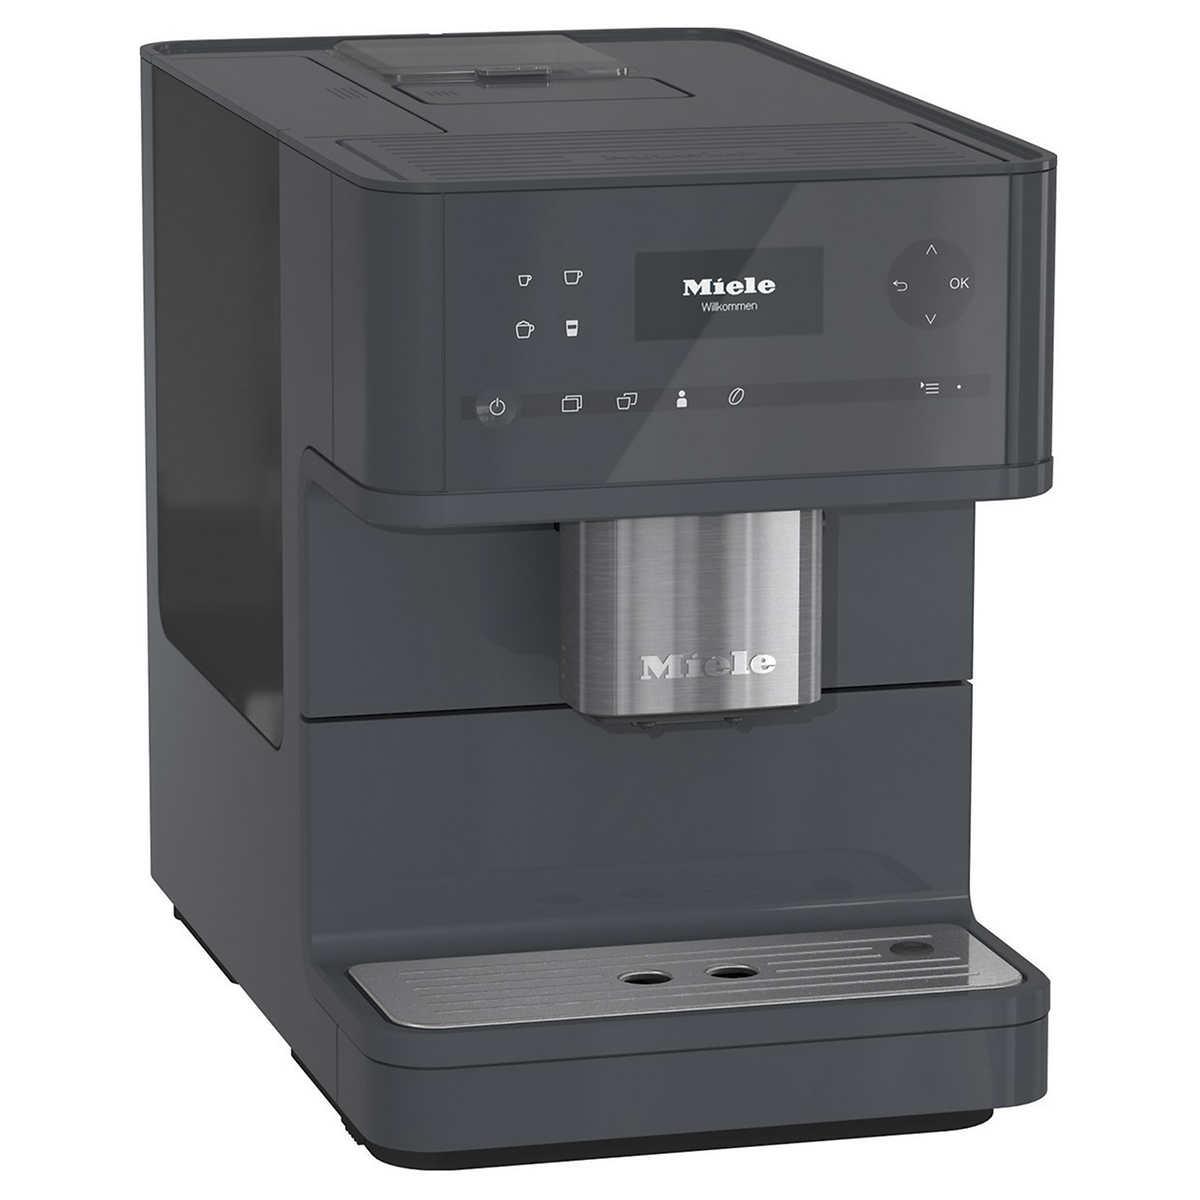 Miele CM6150 Super Automatic Espresso Machine - Graphite Grey 29615030CDN